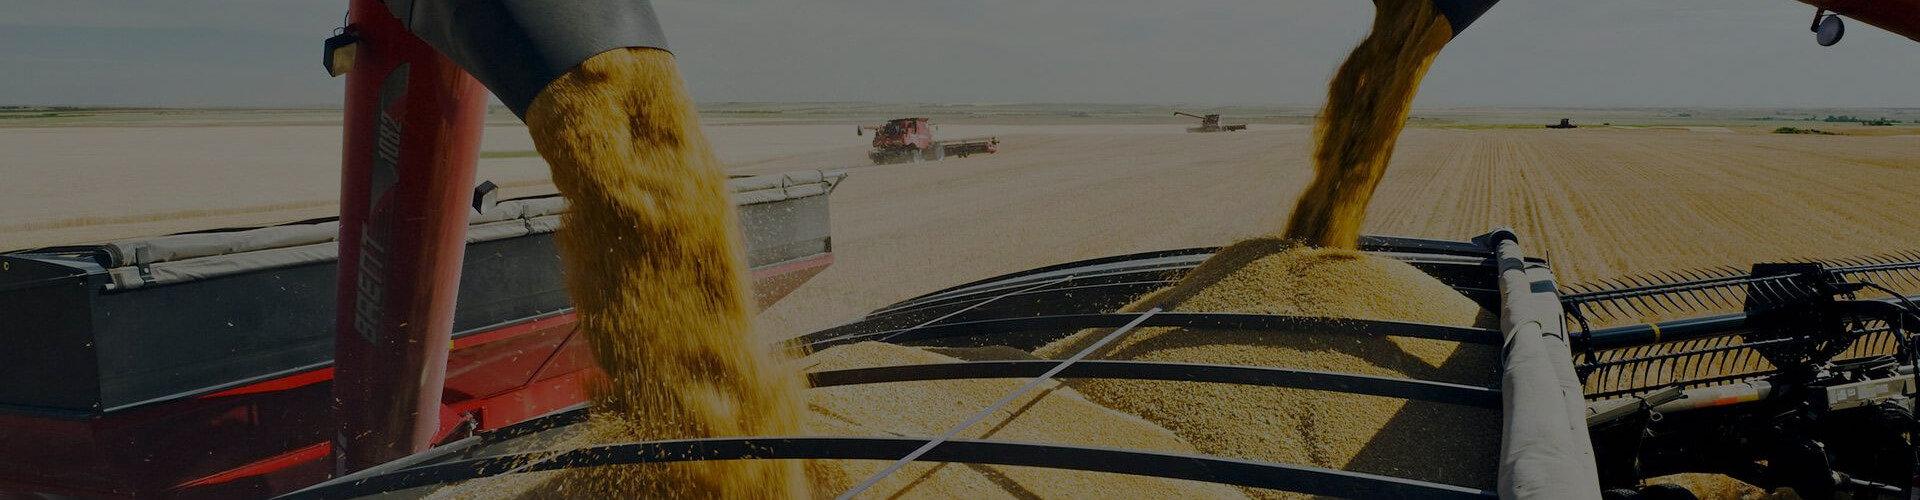 Перевалка и доставка зерновых на экспорт